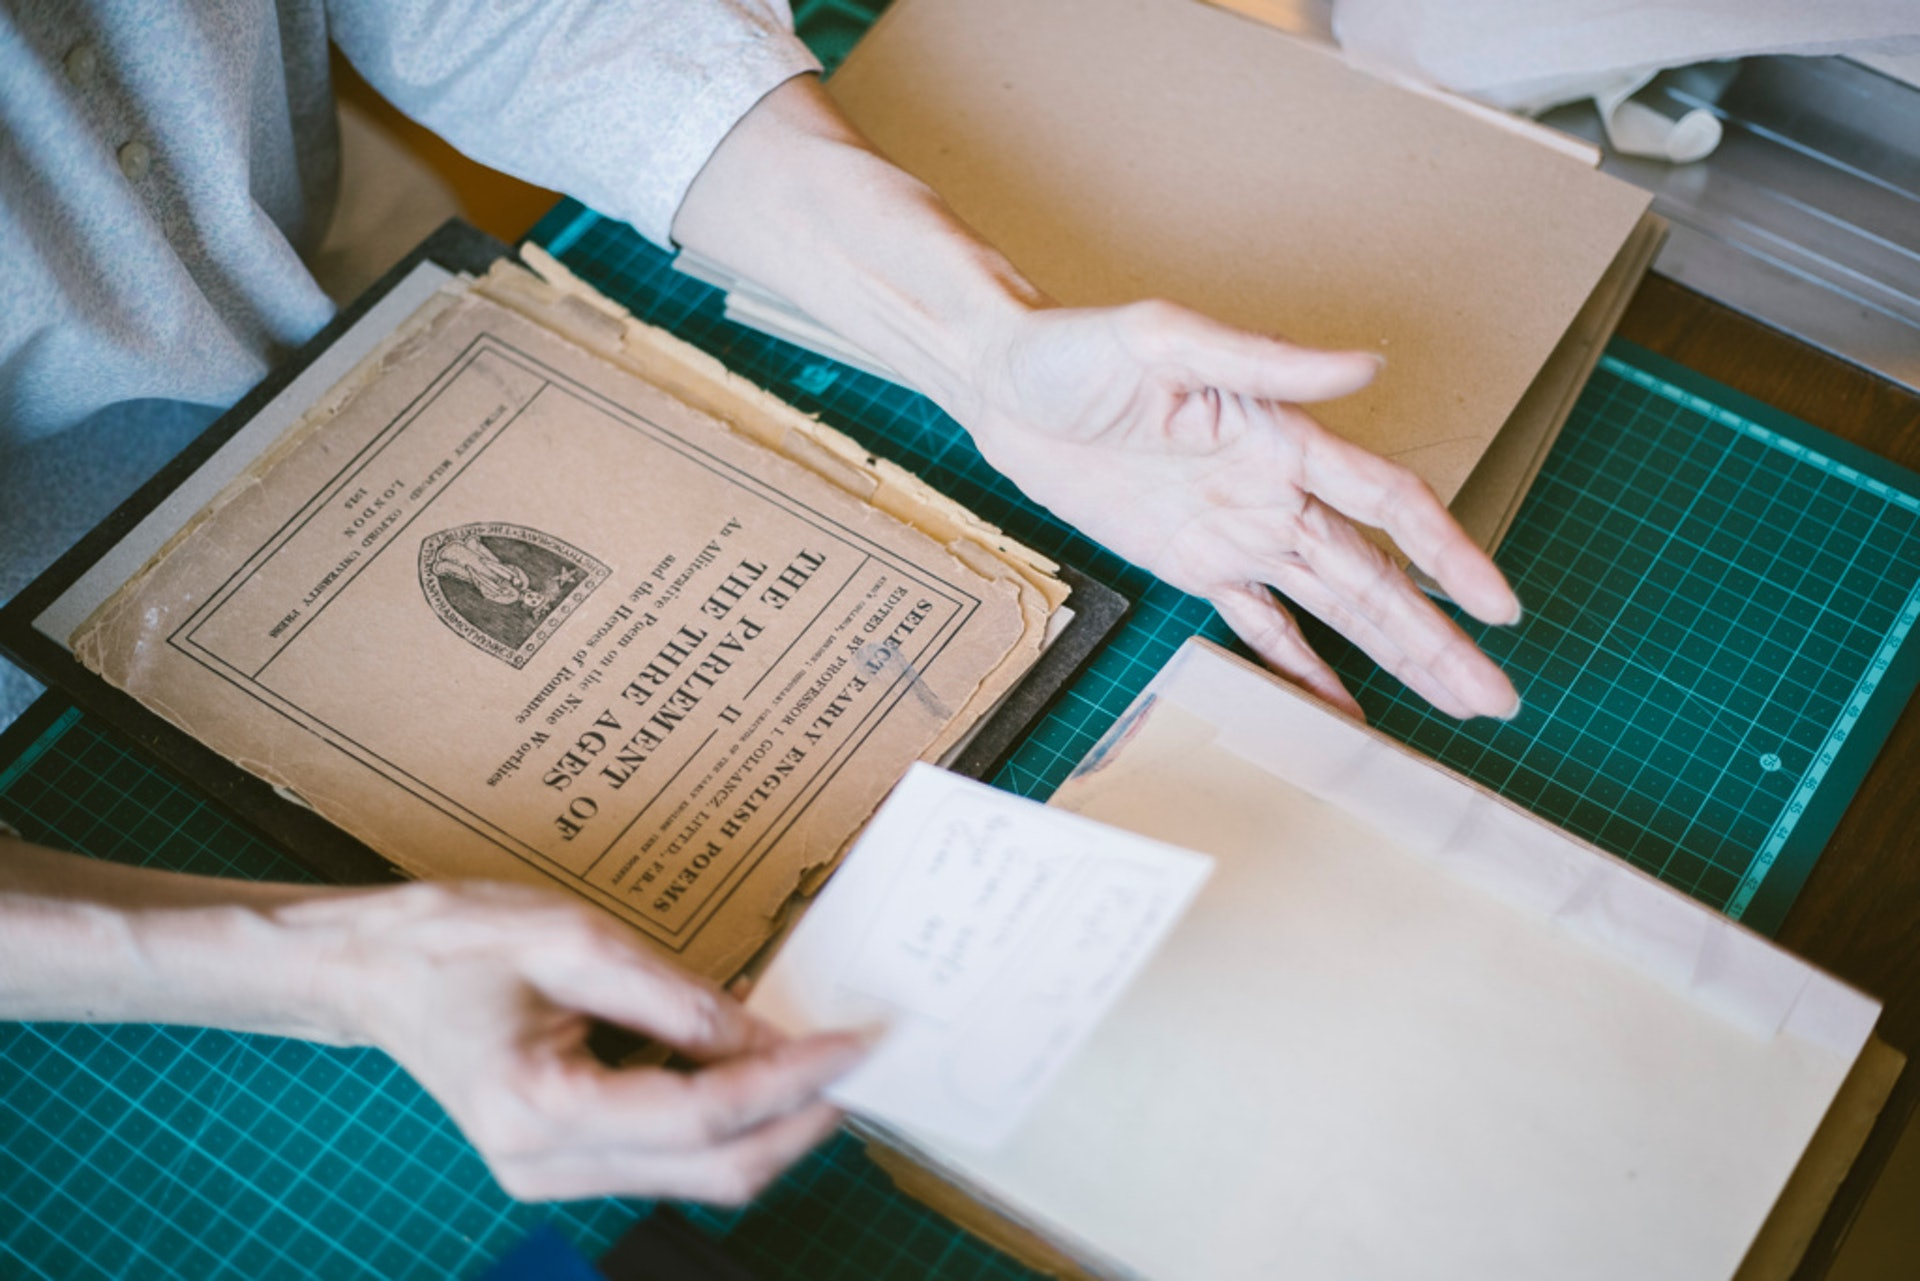 一位中學時曾任Book Attic書店義工的留英碩士生,委託Jennifer修補三冊平裝活頁「英文古詩集」,分別於1915、1921及1930年經牛津大學出版。「釘了三年,仍未釘完,原因是書主希望做真皮書,皮上還要壓真金。我自問壓金功夫還未夠好,要多加練習才敢落手。」Jennifer總對自己有要求。